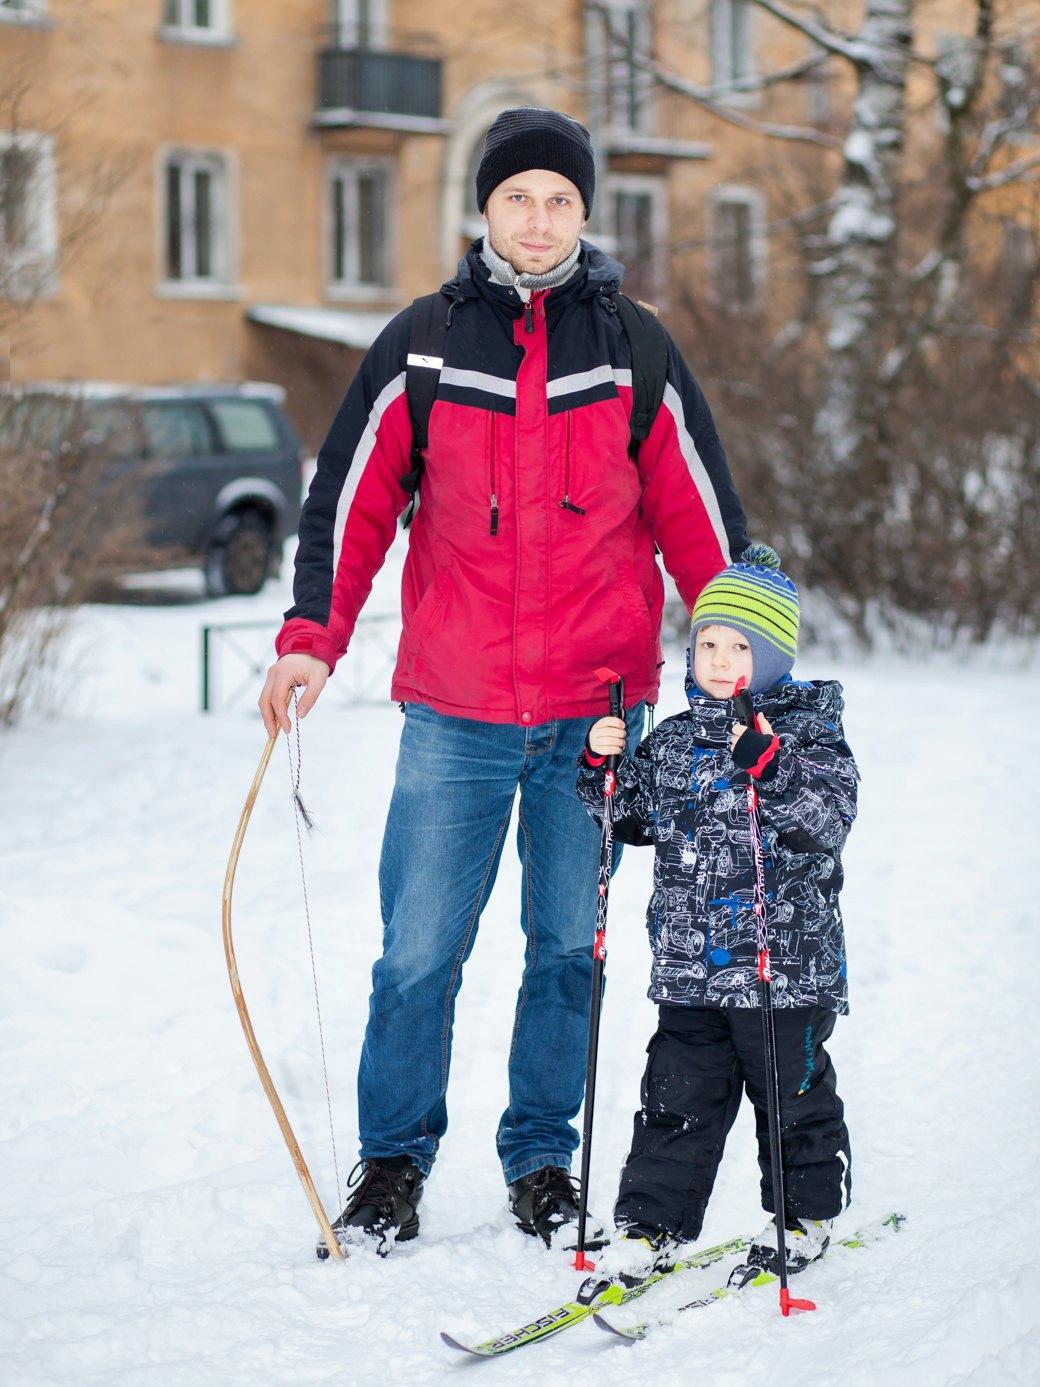 Сергей и Вова, живут в ЖК «Сергей Есенин», ходят гулять в «Городок» и «Сосновку», так как на Есенина негде. Изображение № 11.